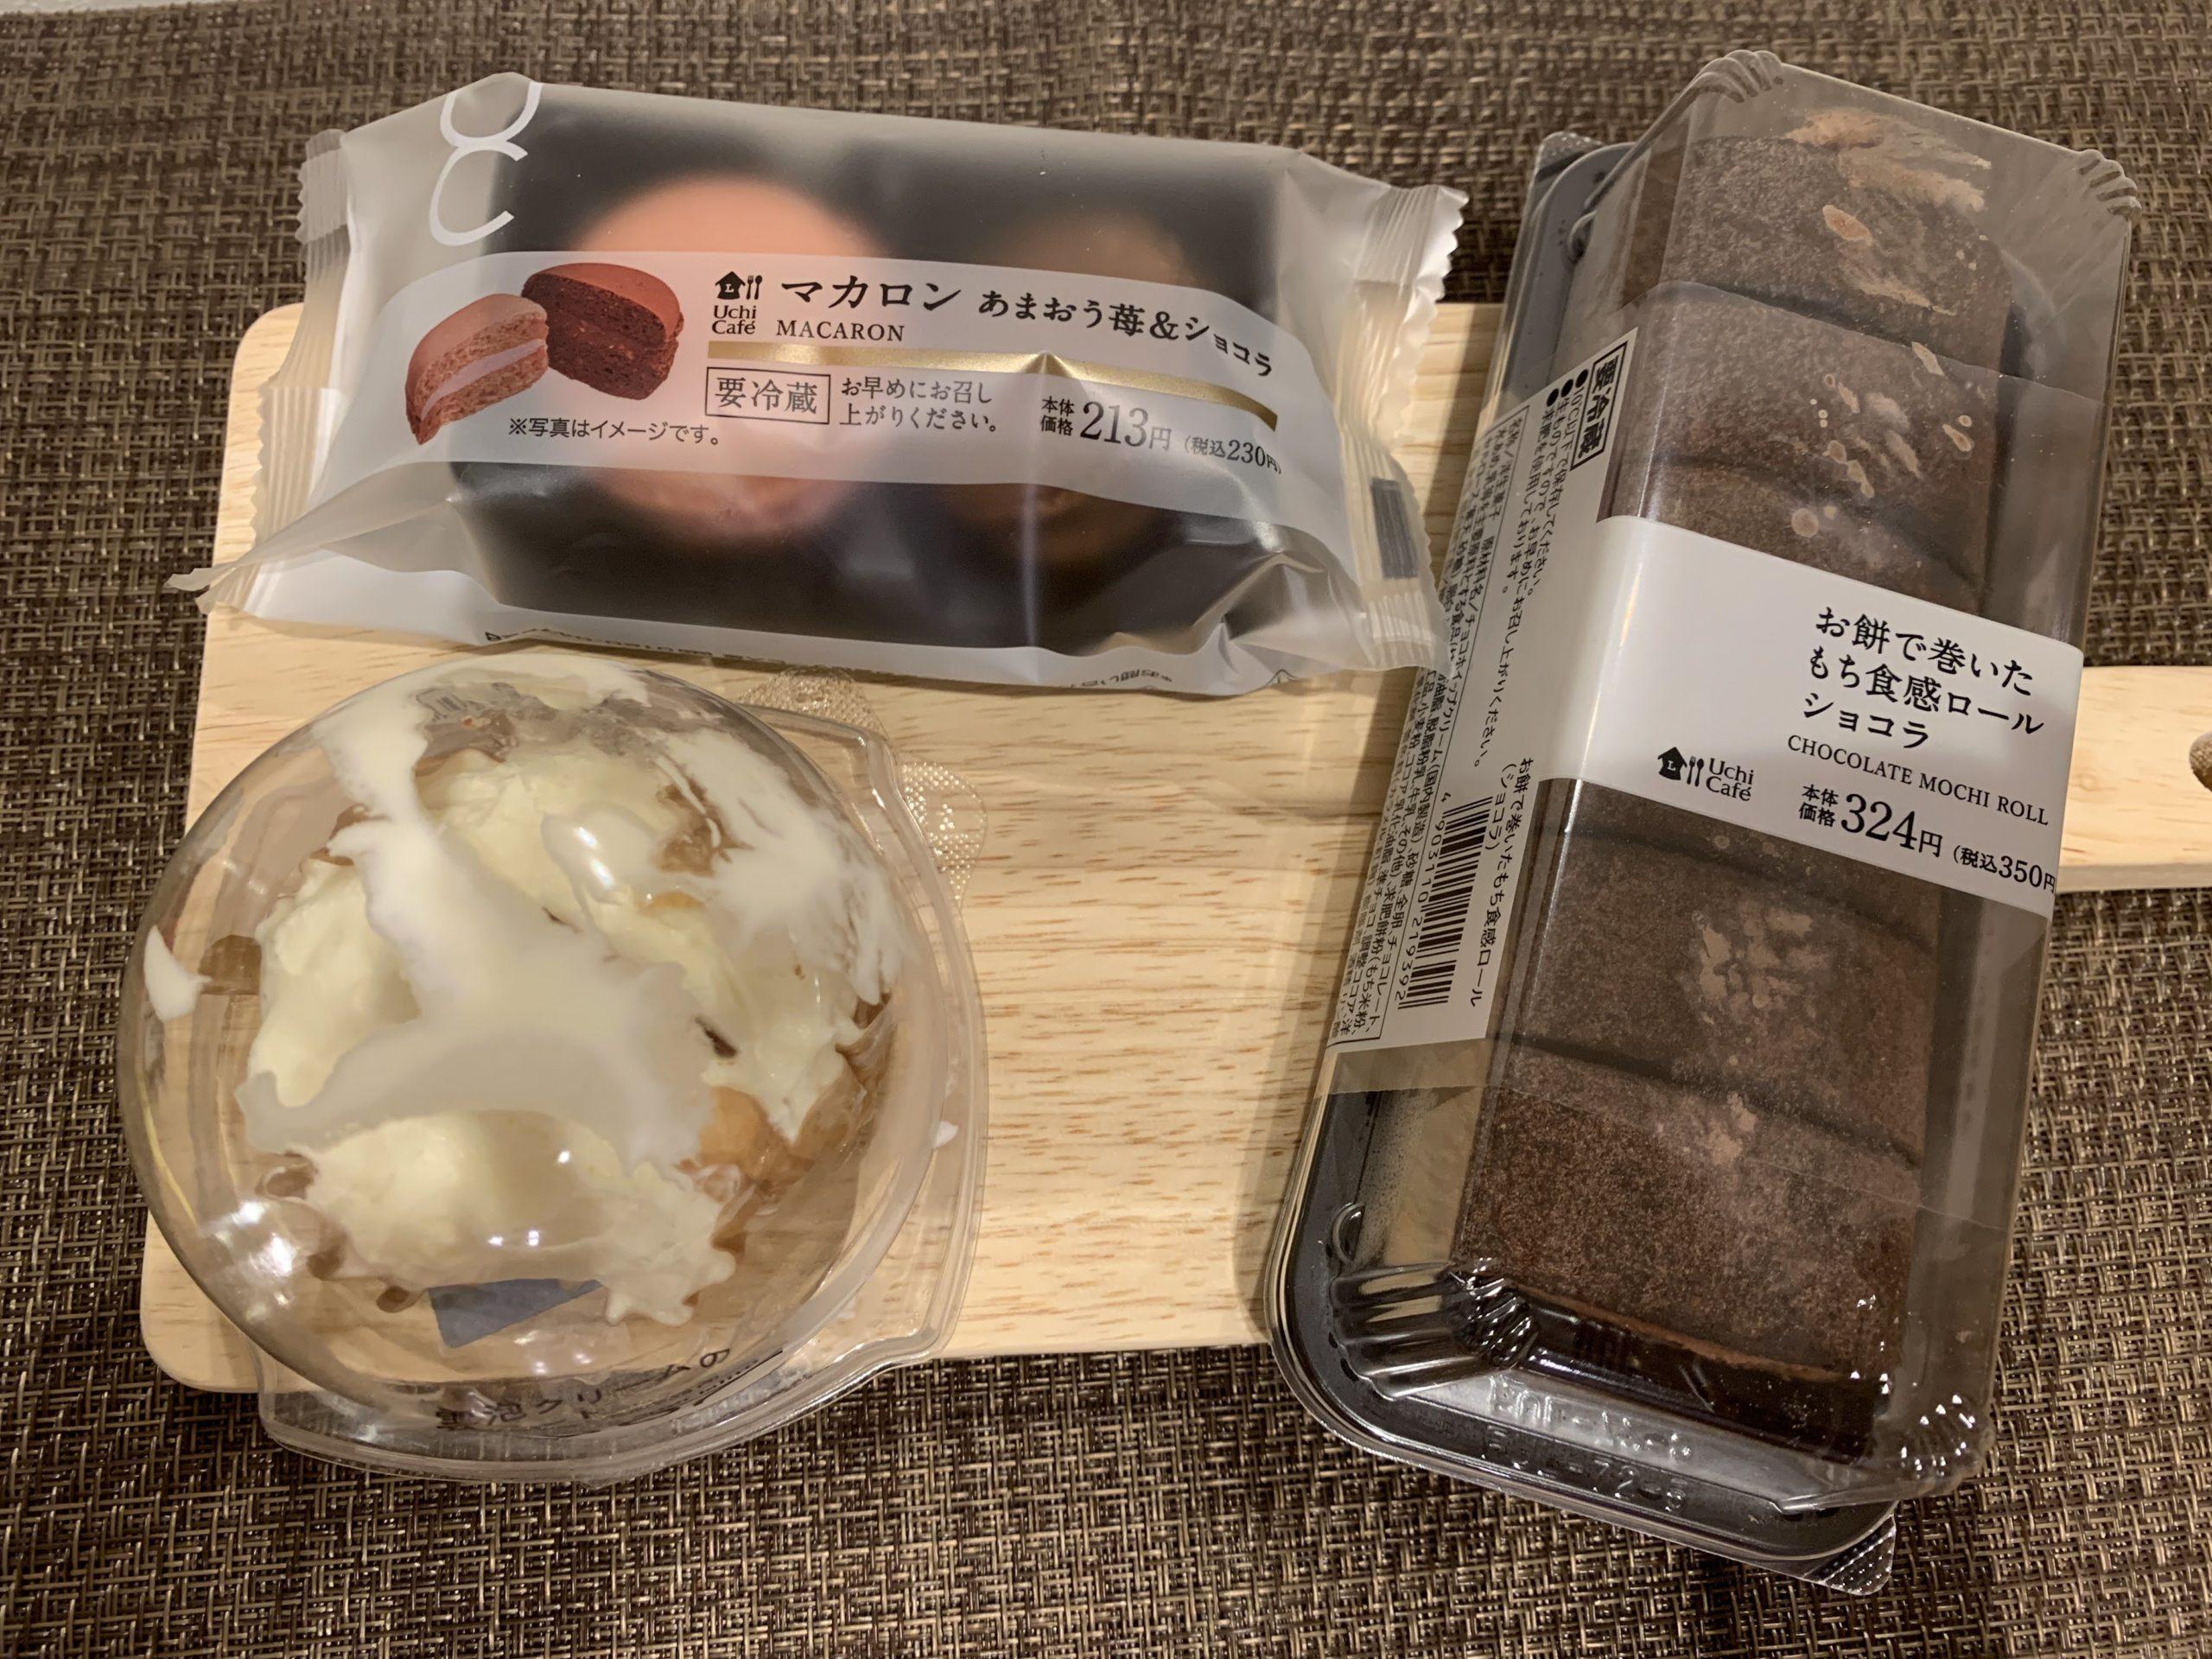 ローソスイーツ3品食べ比べ・お餅で巻いたもち食感ロールショコラは美味しい?